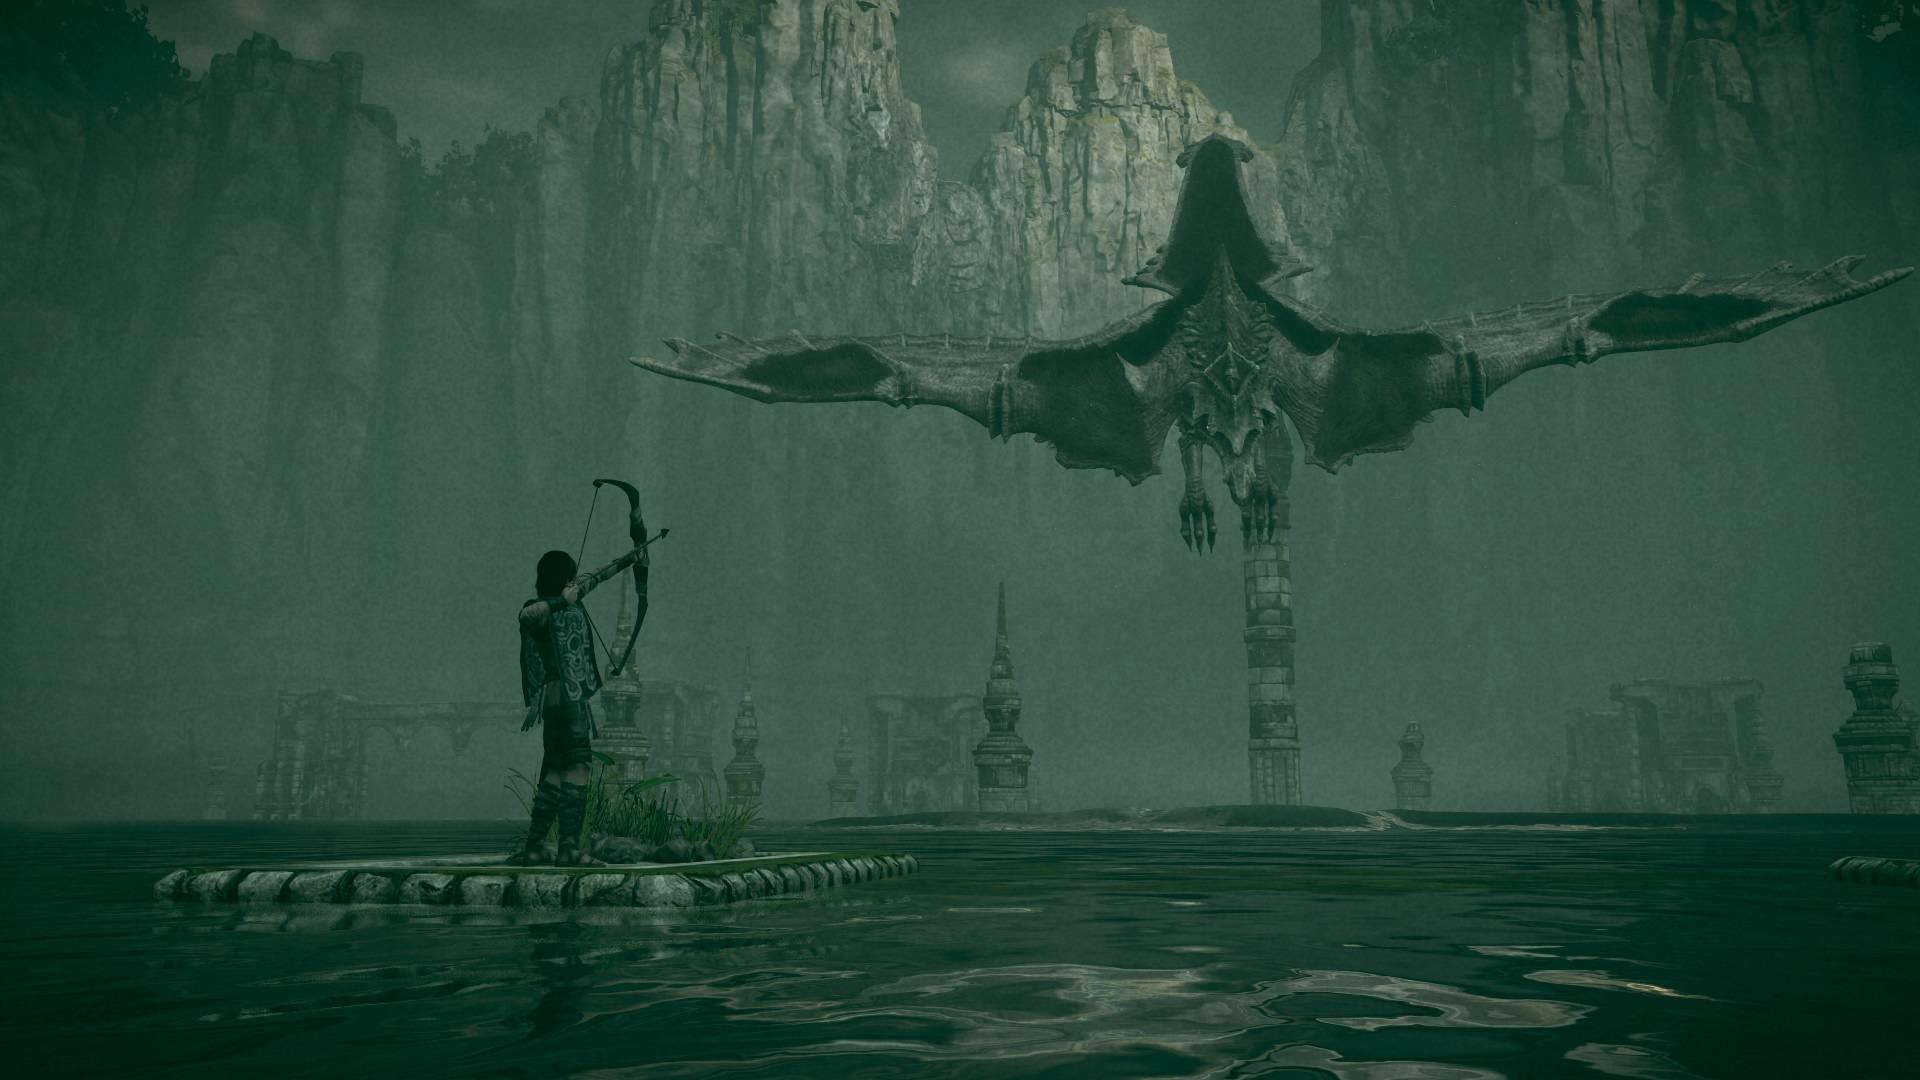 Суть. Shadow of the Colossus — поэзия в видеоигровой форме